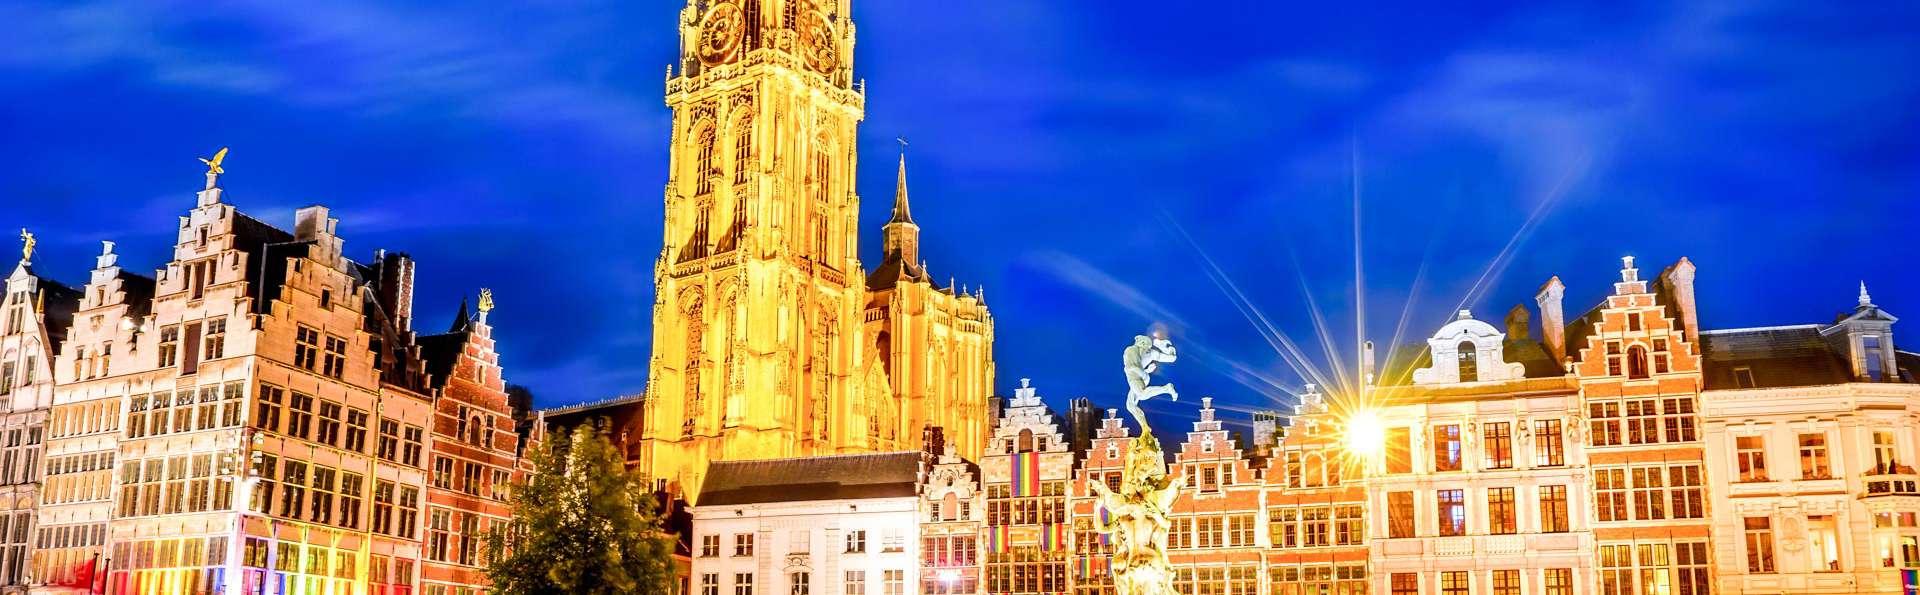 ¿Te gustaría vivir como un rey en el centro de la ciudad de Amberes por una noche?